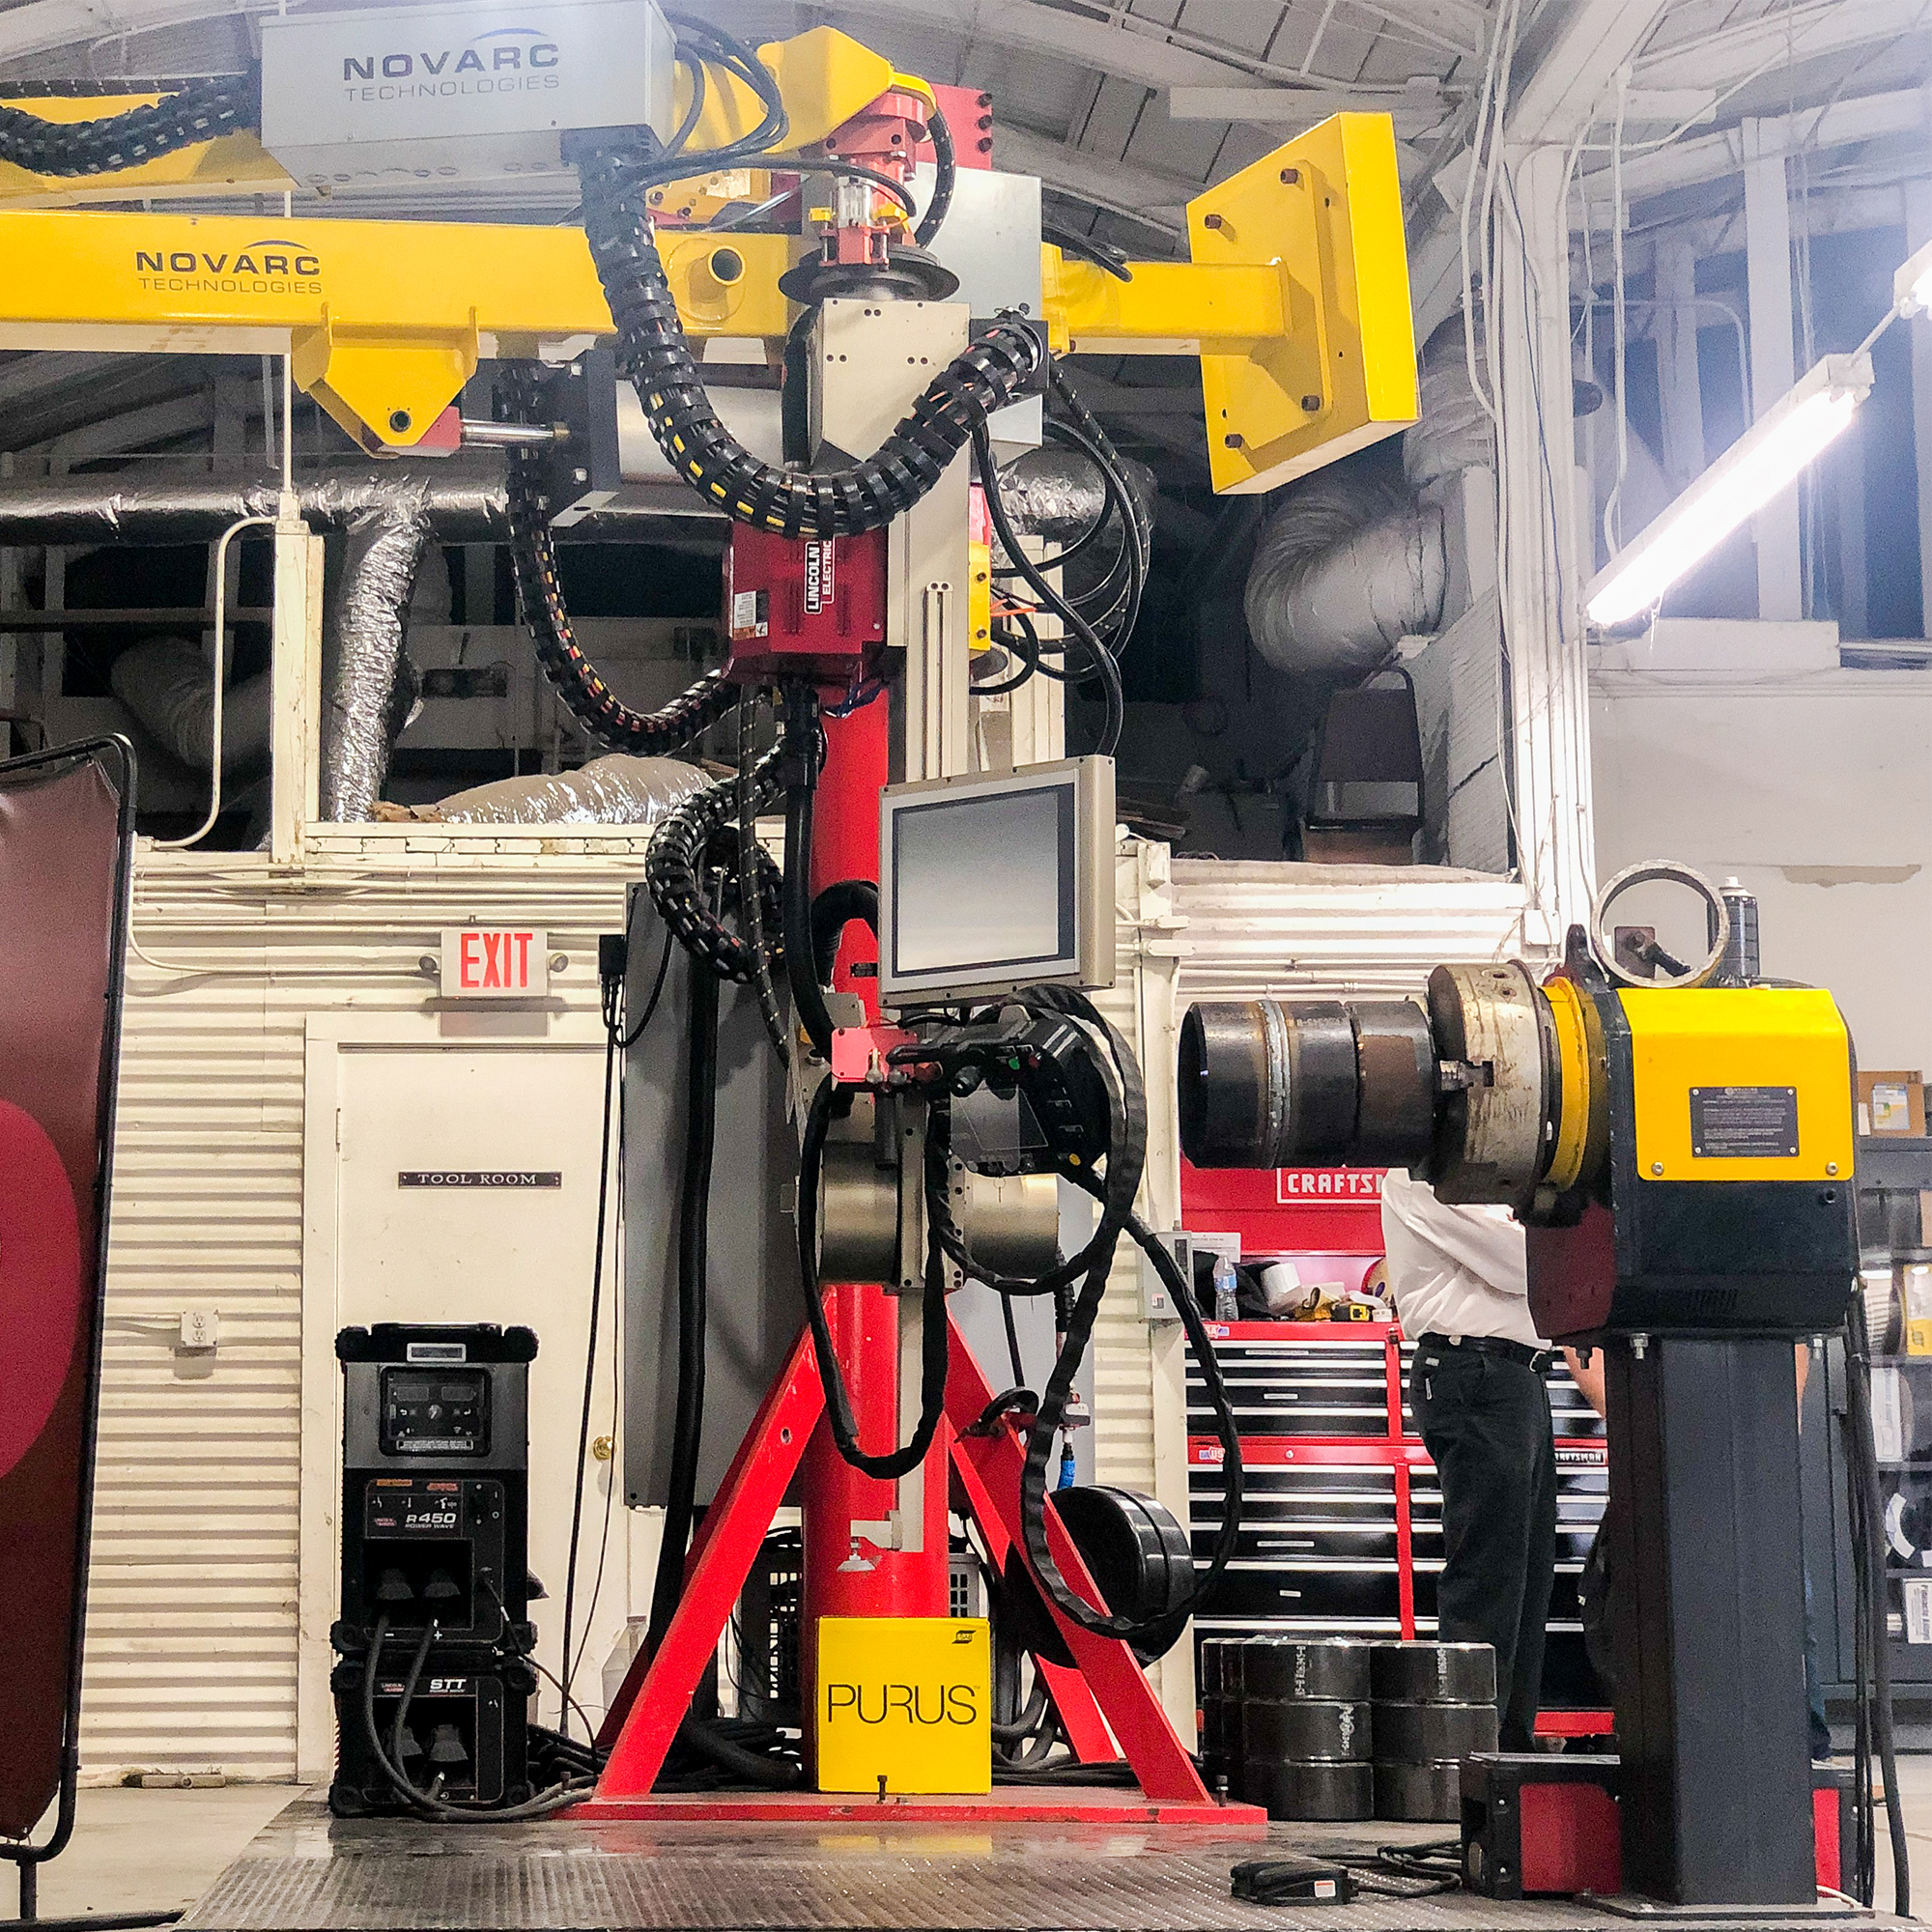 Choosing the Best Arc Welding Robot System | Spool Welding Robot FAQ